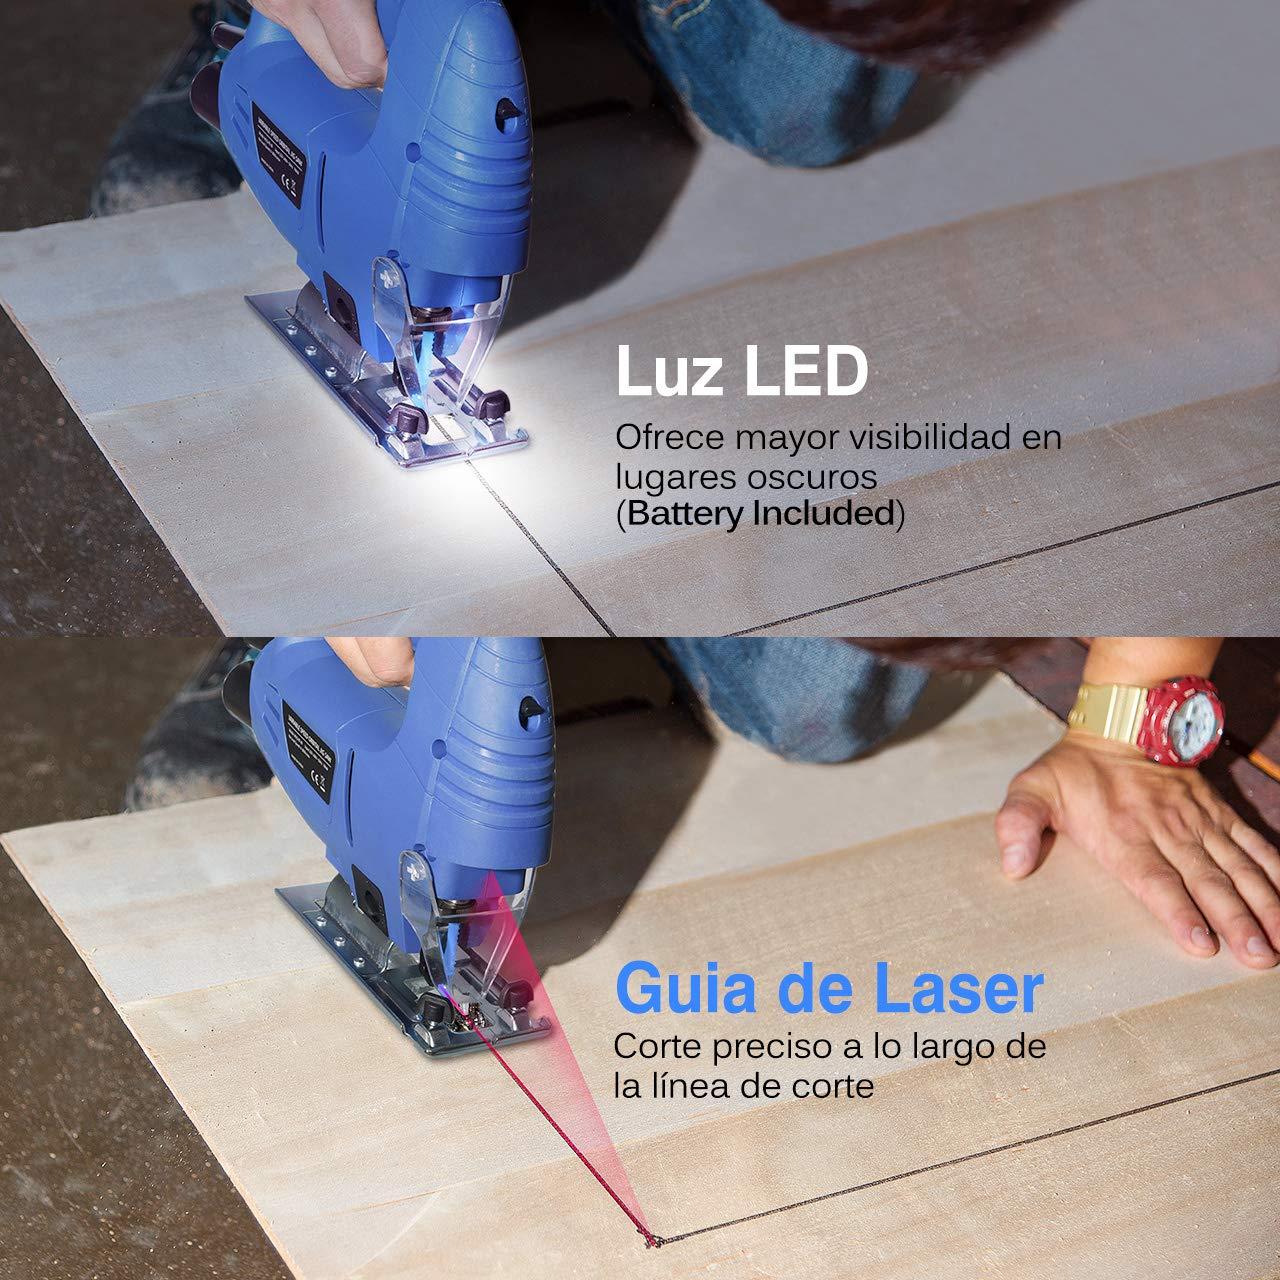 Luz LED 6PCS Hoja para Madera//Plastico Sierra Caladora Corte -45/º a 45/º Holife Sierra Caladora con Gu/ía L/áser 6 Velocidad Ajustable Motor de 780W Guiador de Regla Adaptador de Aspiradora